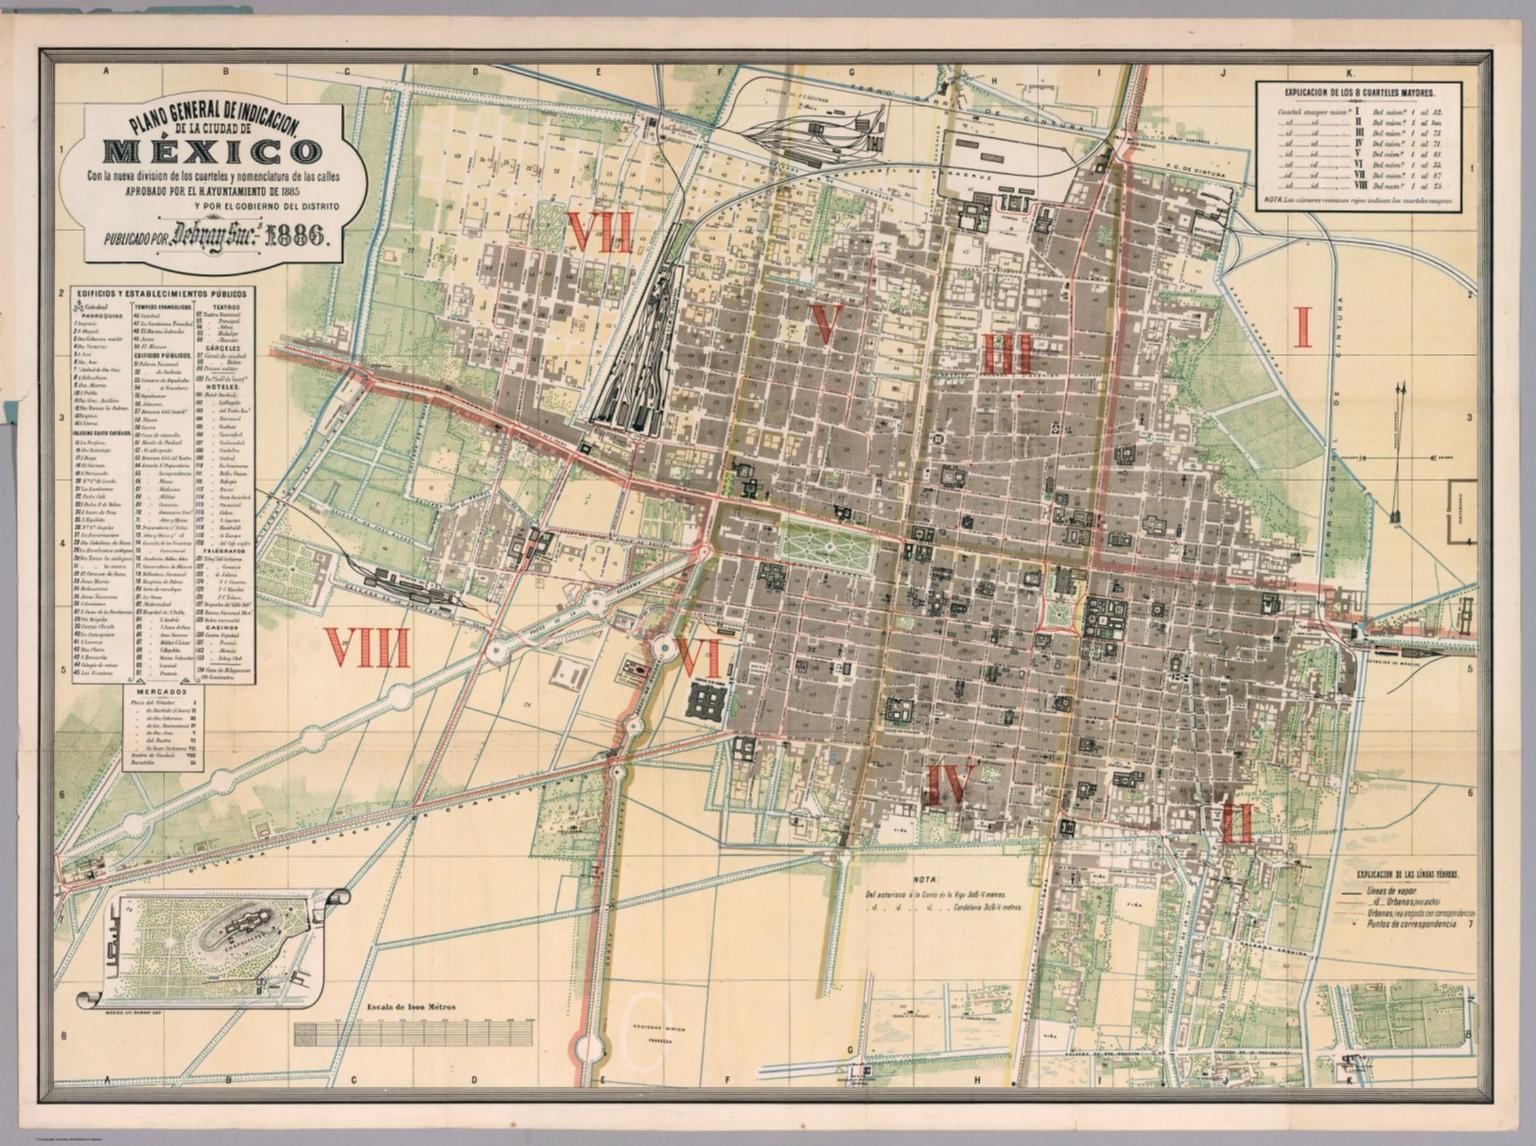 Plano general de indicacion de la Ciudad de Mexico